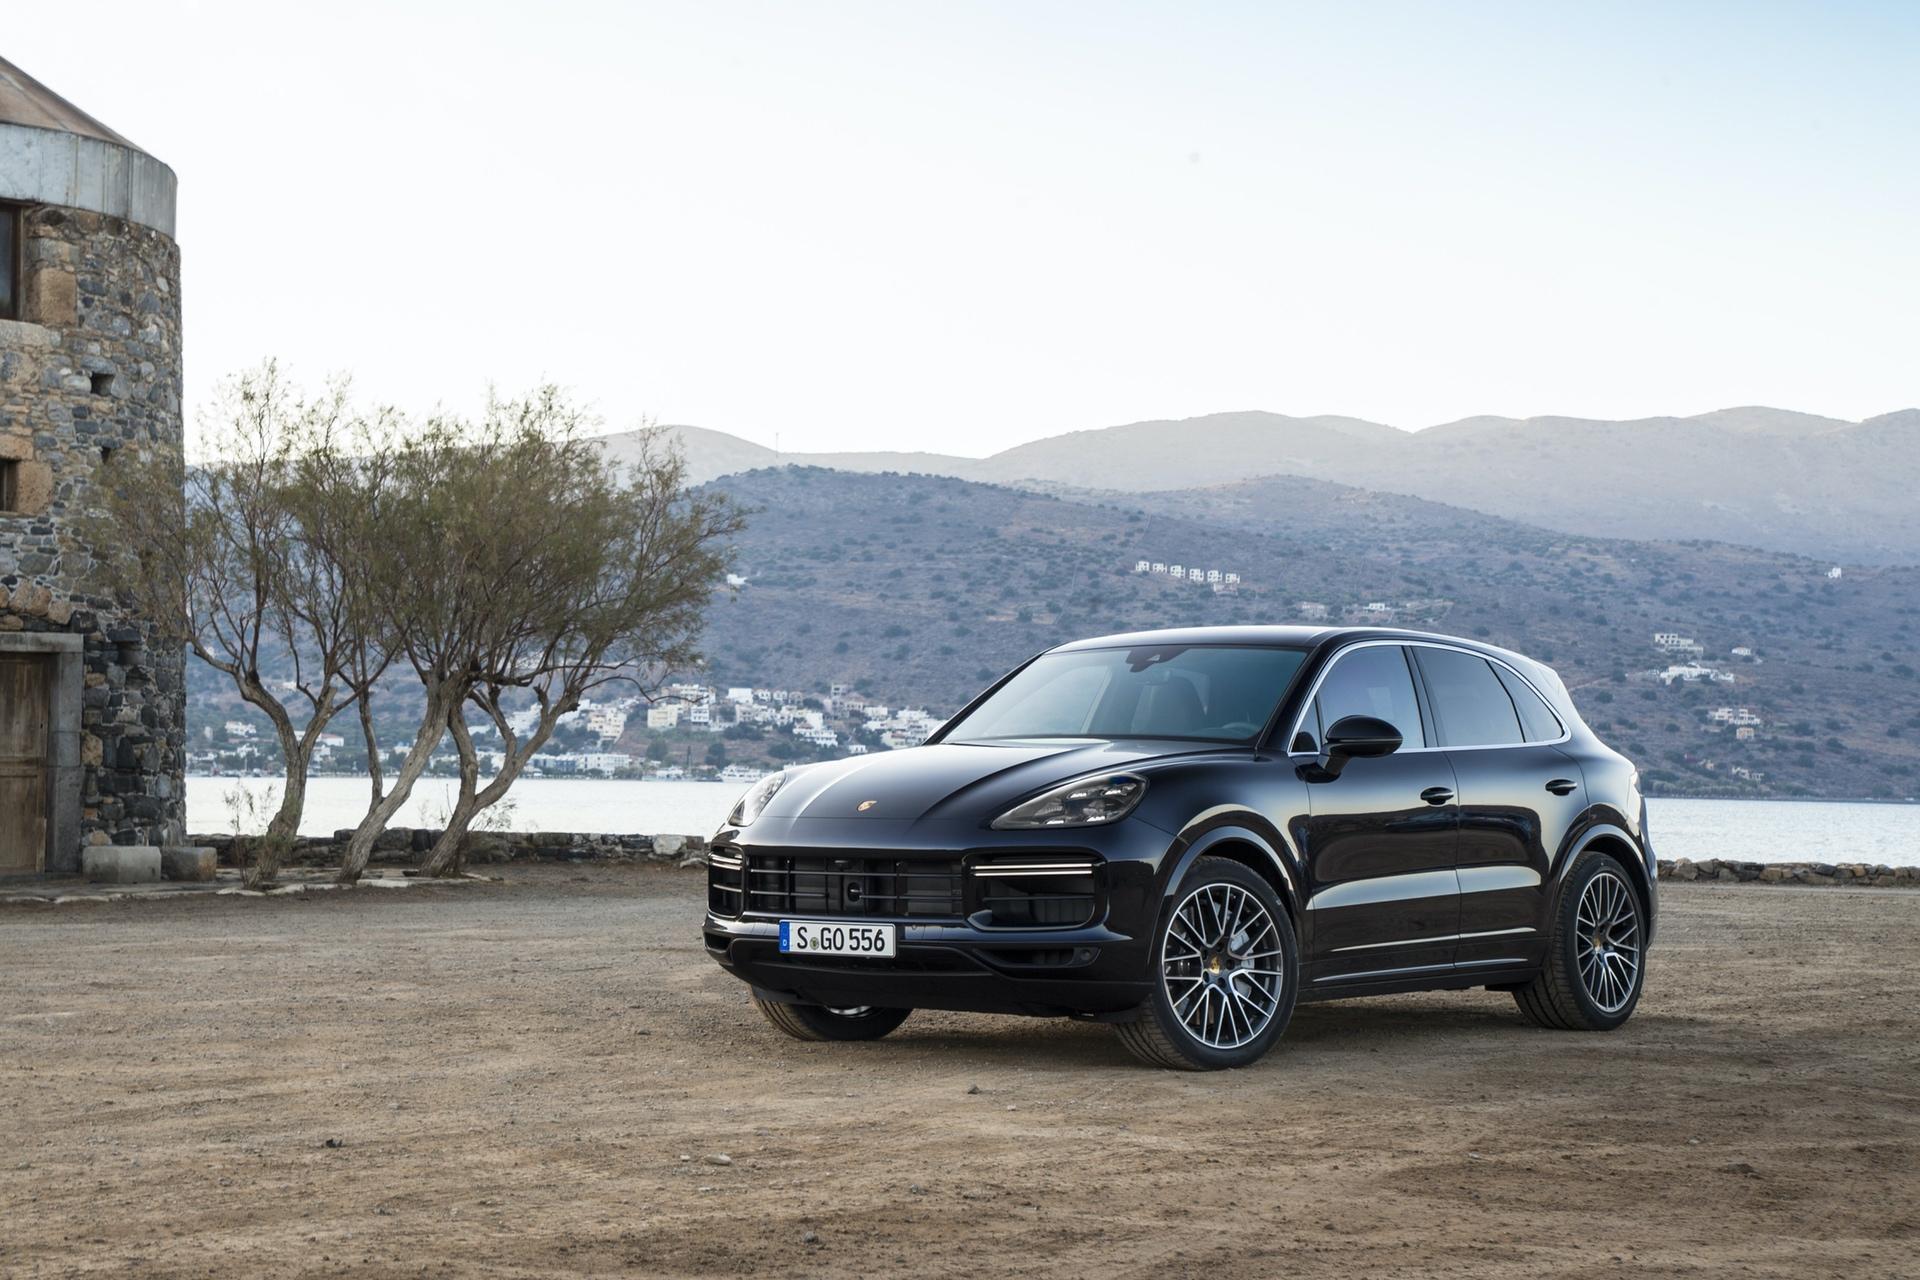 Test_Drive_Porsche_Cayenne_127